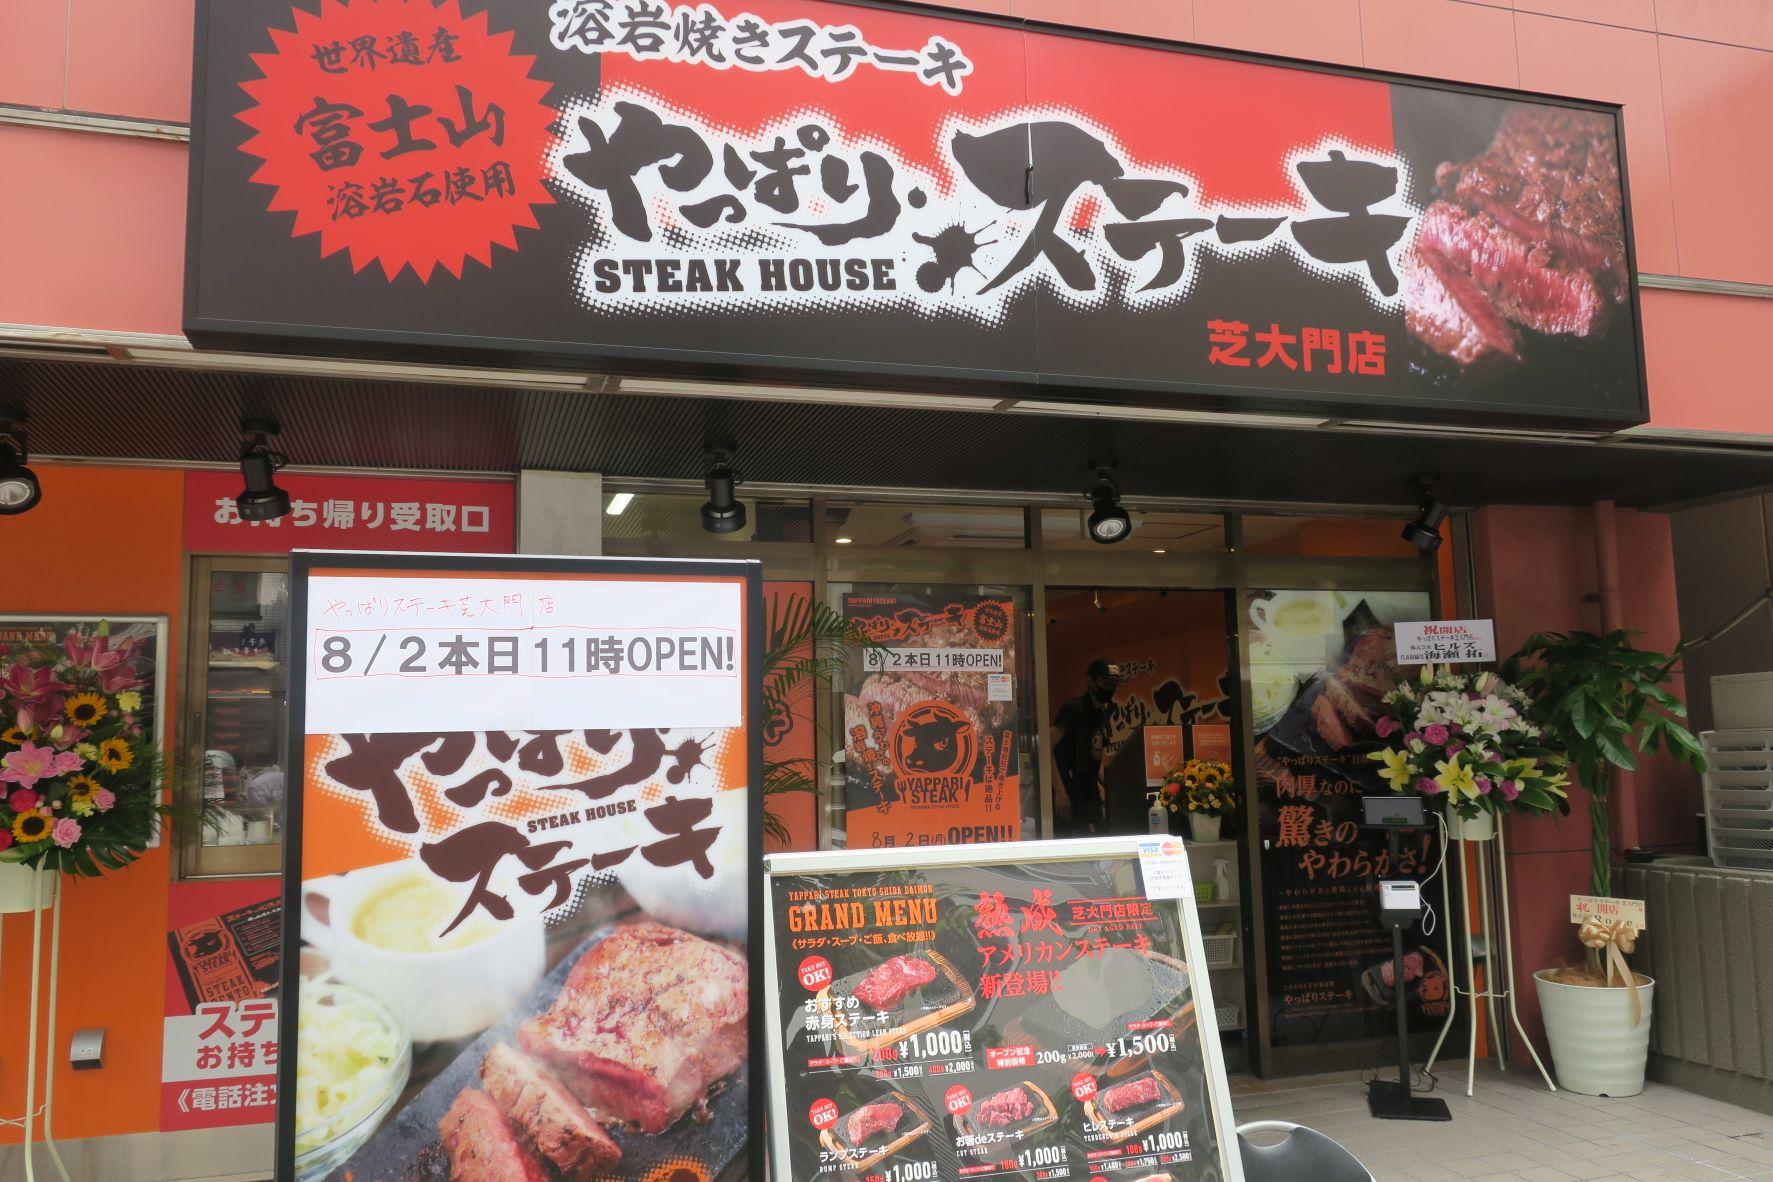 沖縄発、革命的ステーキレストラン「やっぱりステーキ」東京で躍進中!